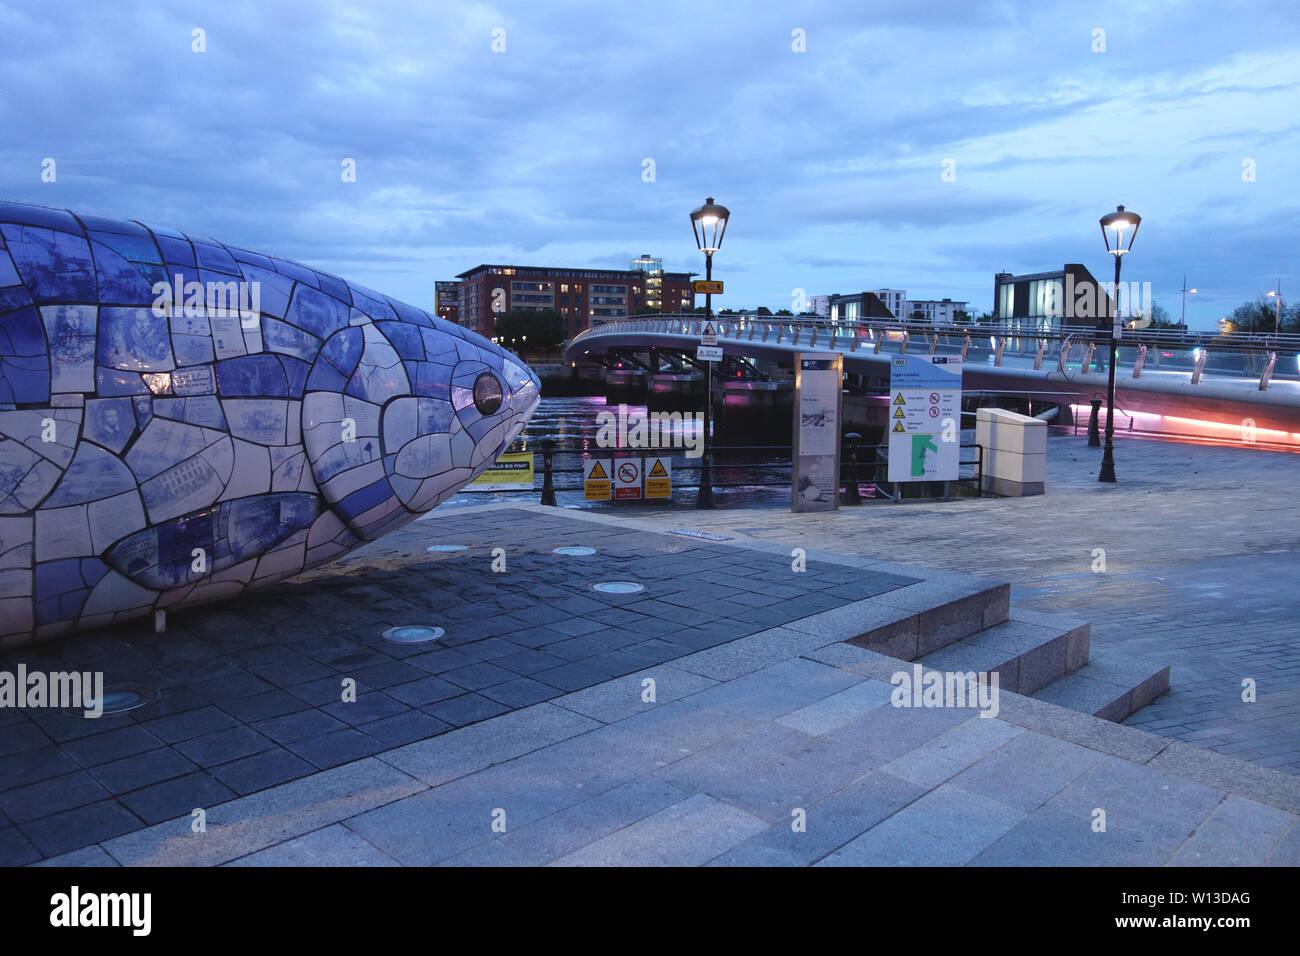 """Der große Fisch' den Lachs des Wissens"""" Skulptur von John Freundlichkeit in der Nähe der Lagan Wehr Fußgänger- und Zyklus Brücke, Belfast, Nordirland, Großbritannien. Stockfoto"""